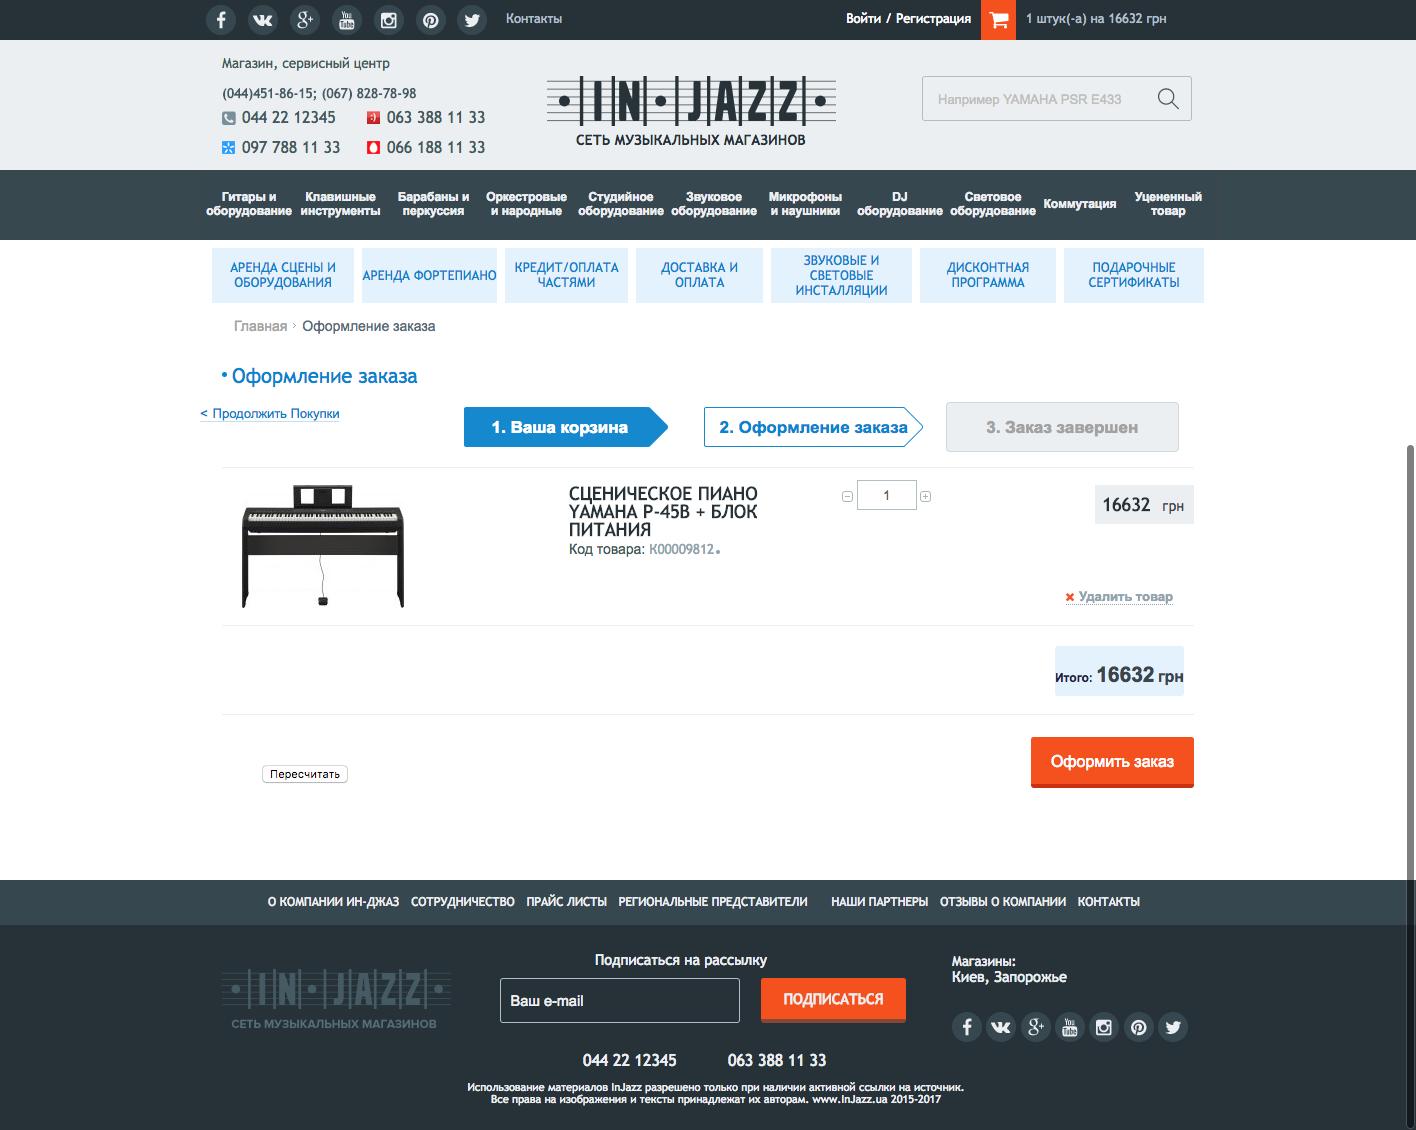 web design iskra by anton readymag Дипломный проект текущий сайт